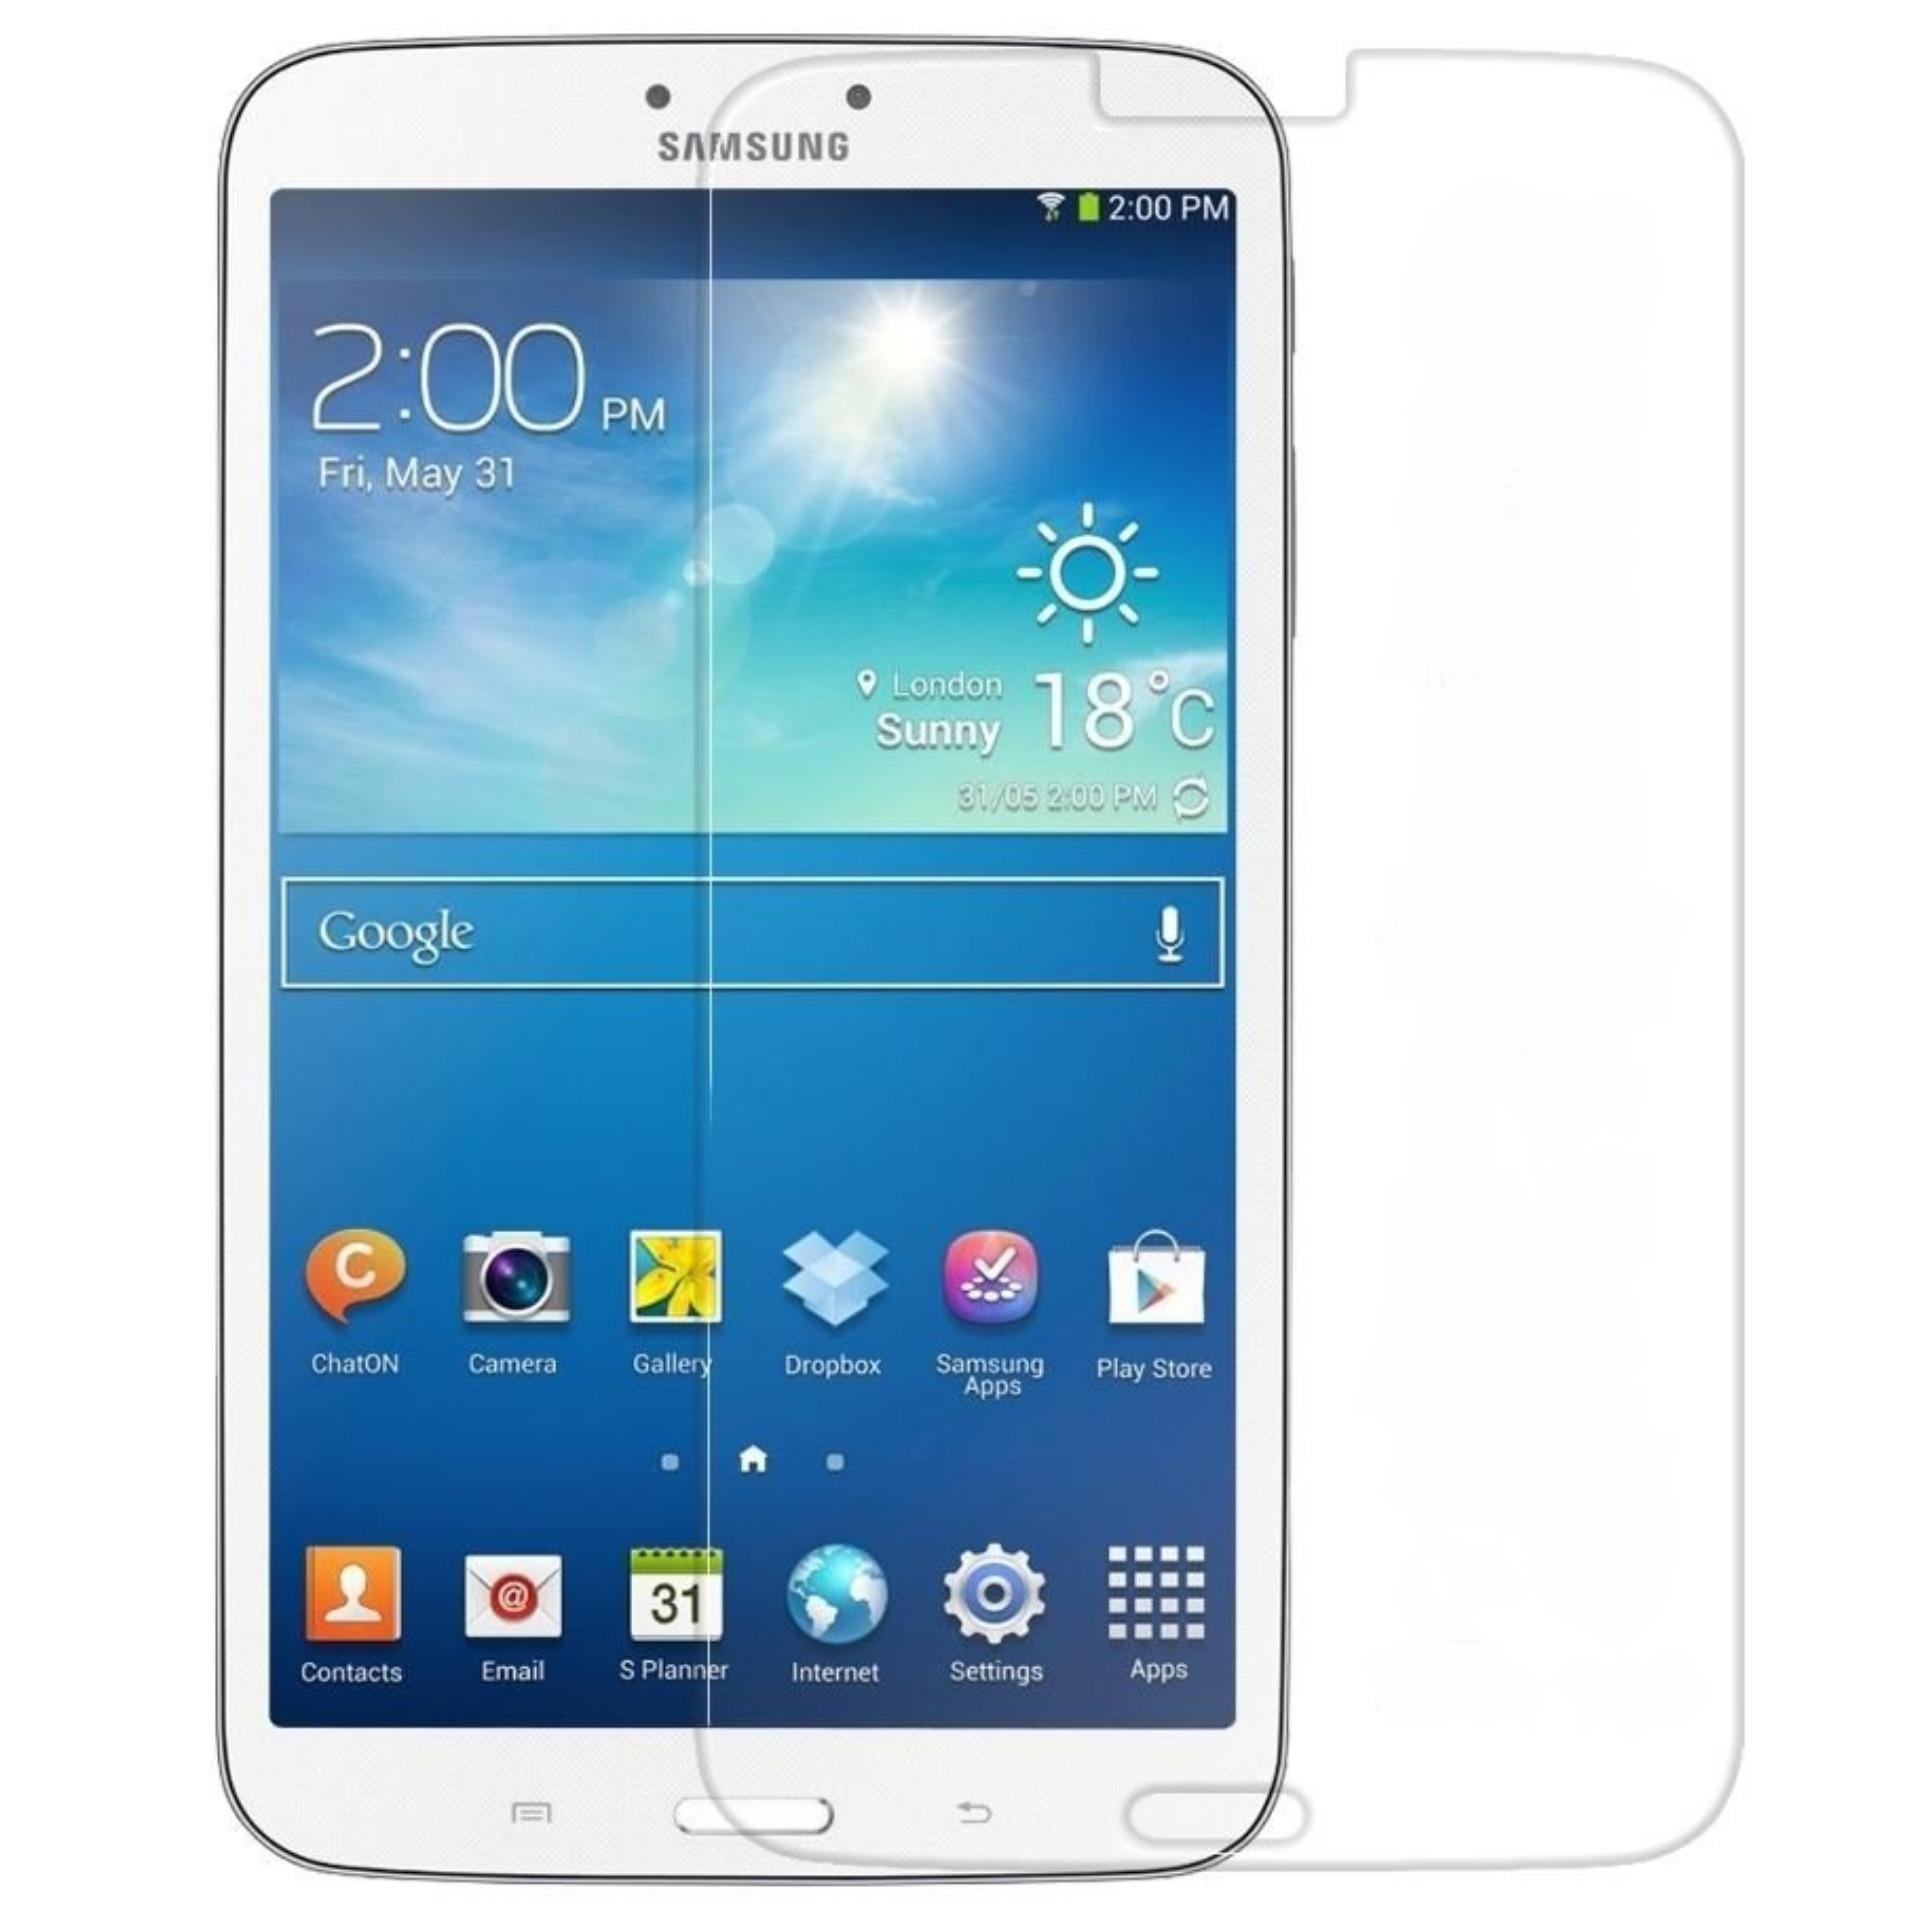 Vn Samsung Galaxy Tablet Tab 3 8.0